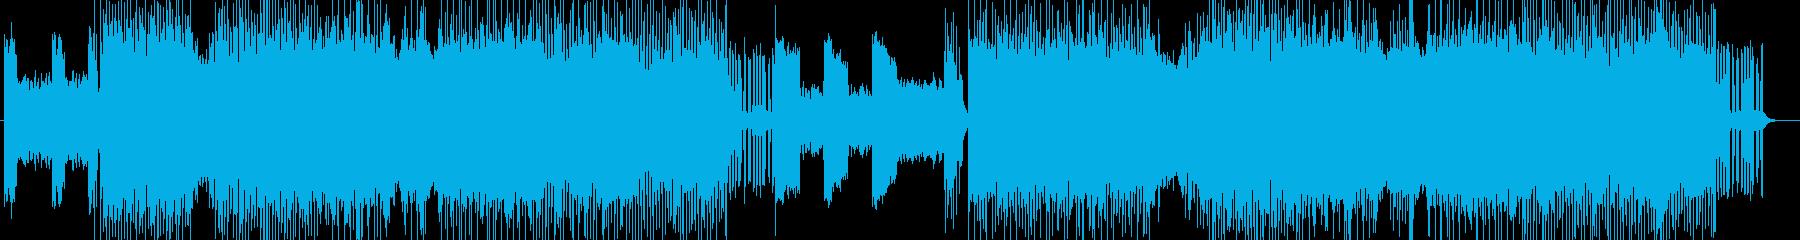 「HEAVY METAL」BGM215の再生済みの波形